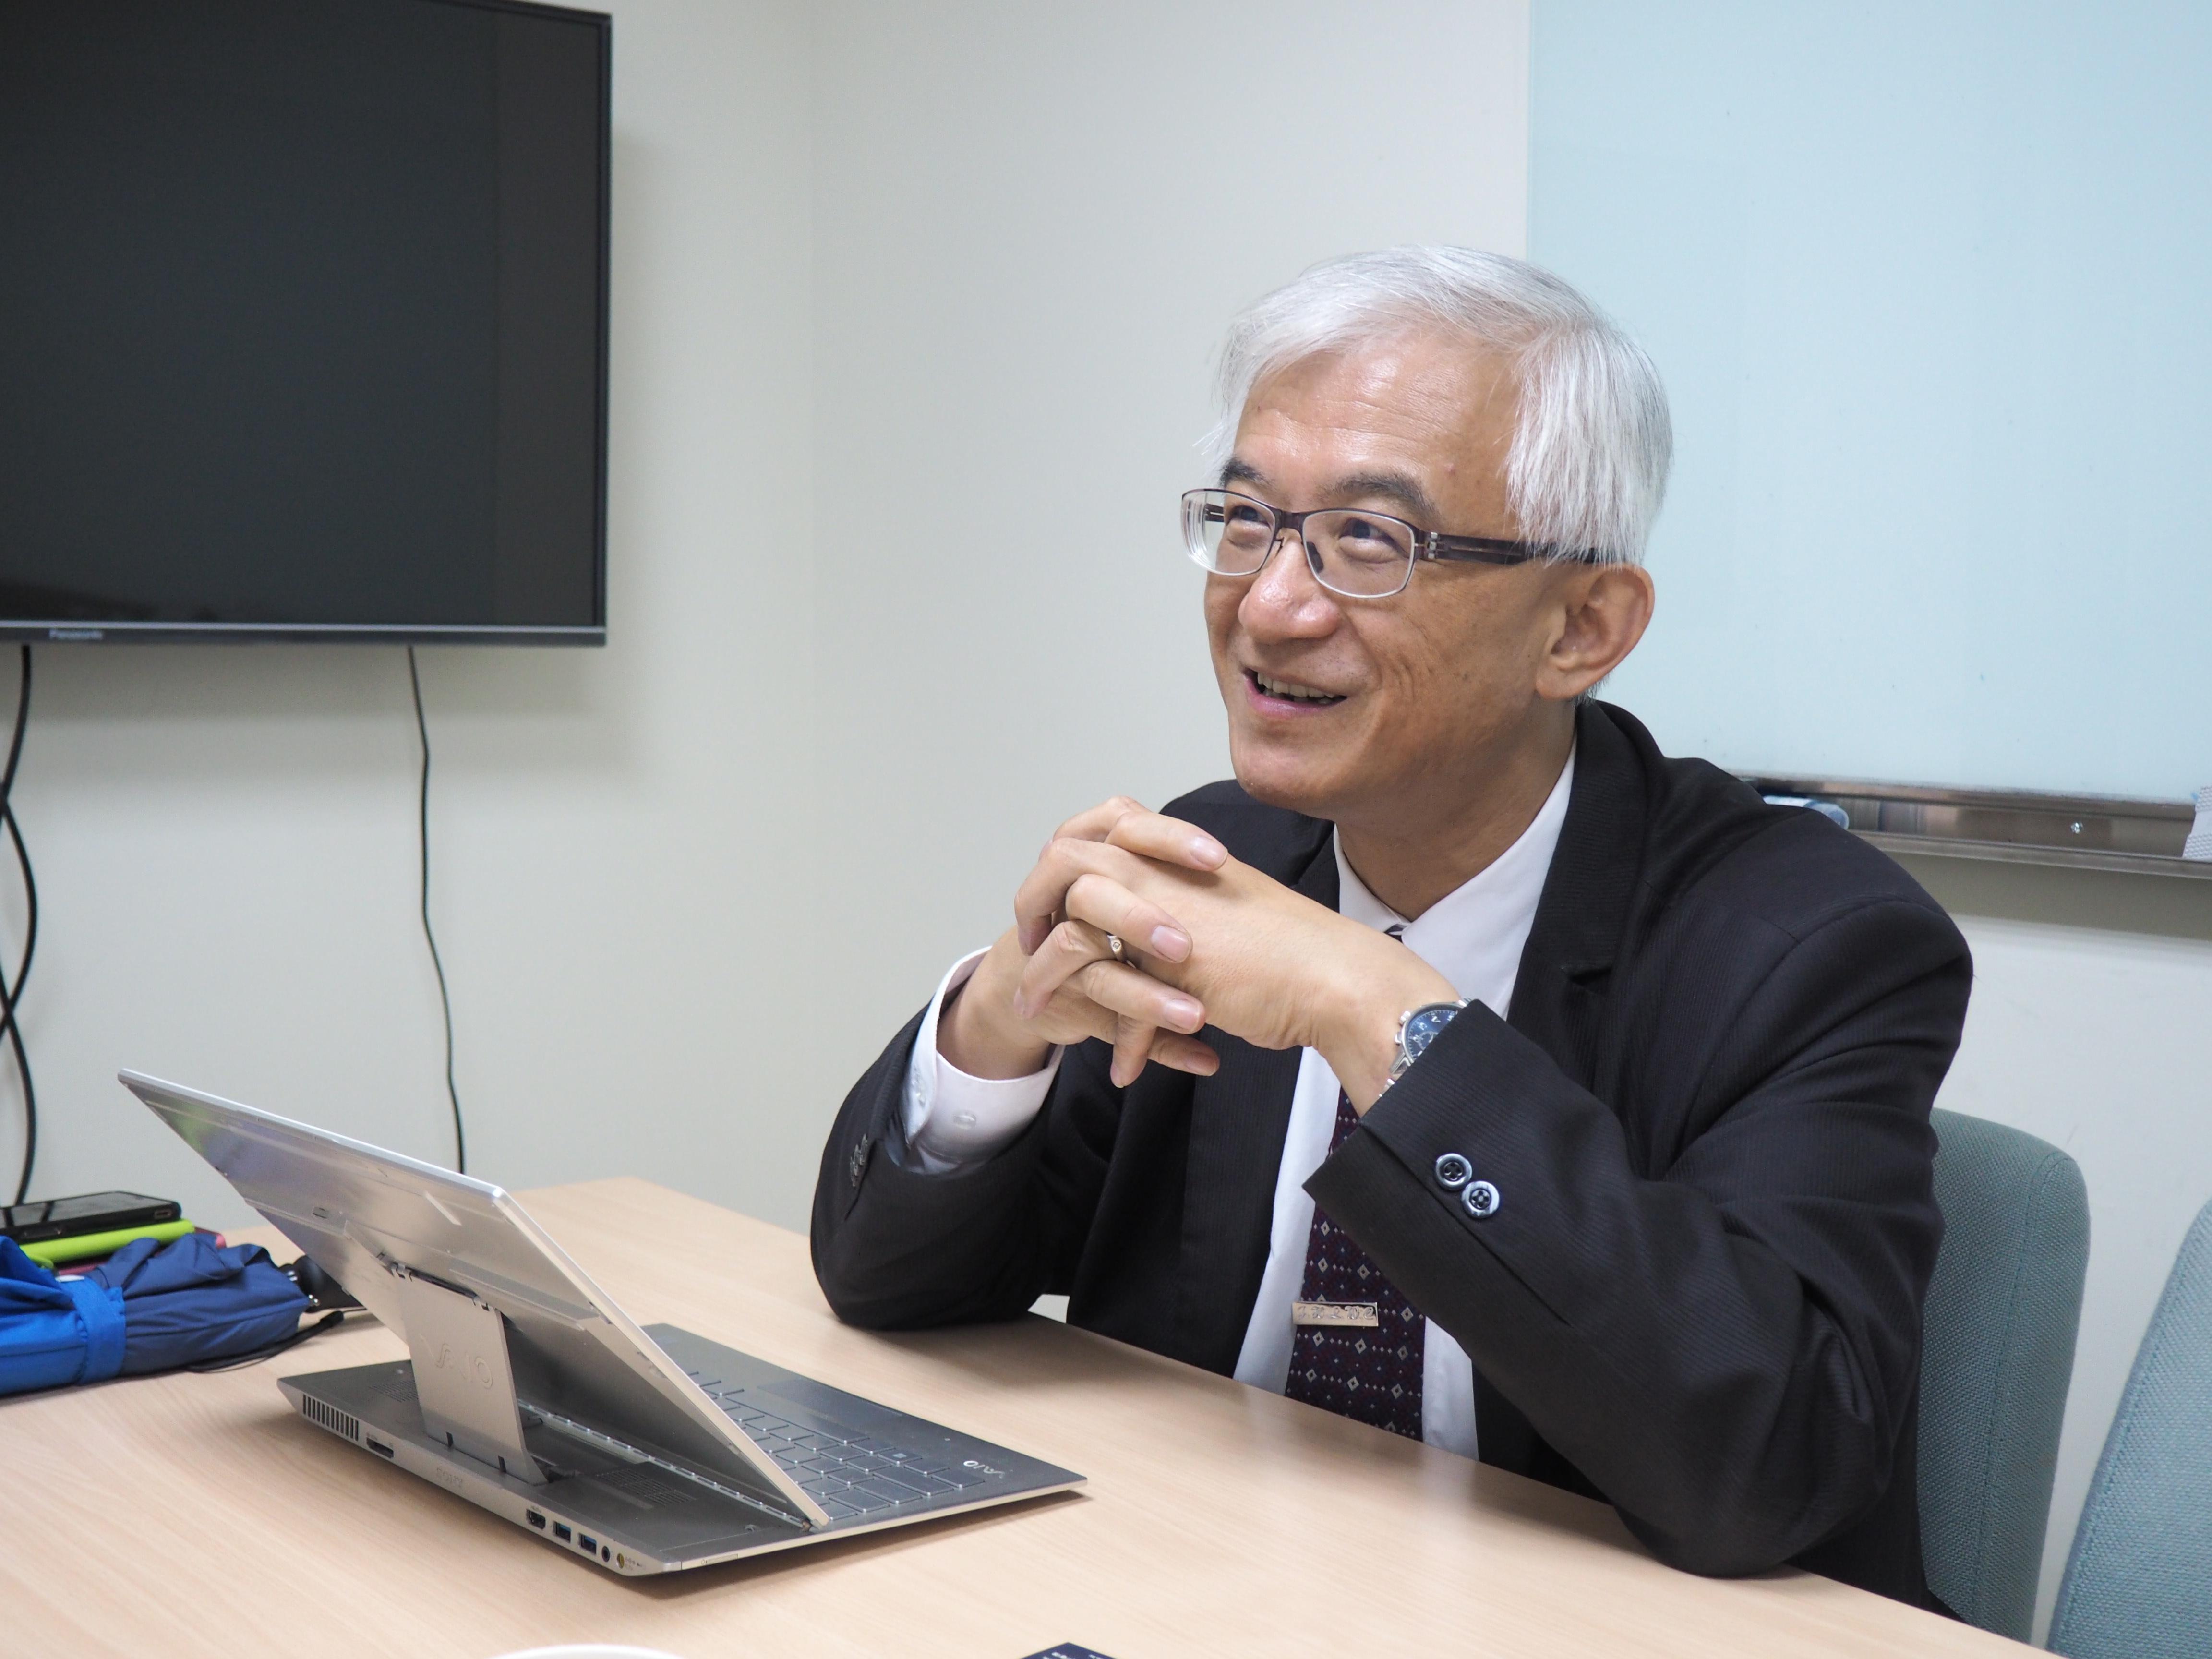 謝邦昌解釋電腦人工智慧的發展。